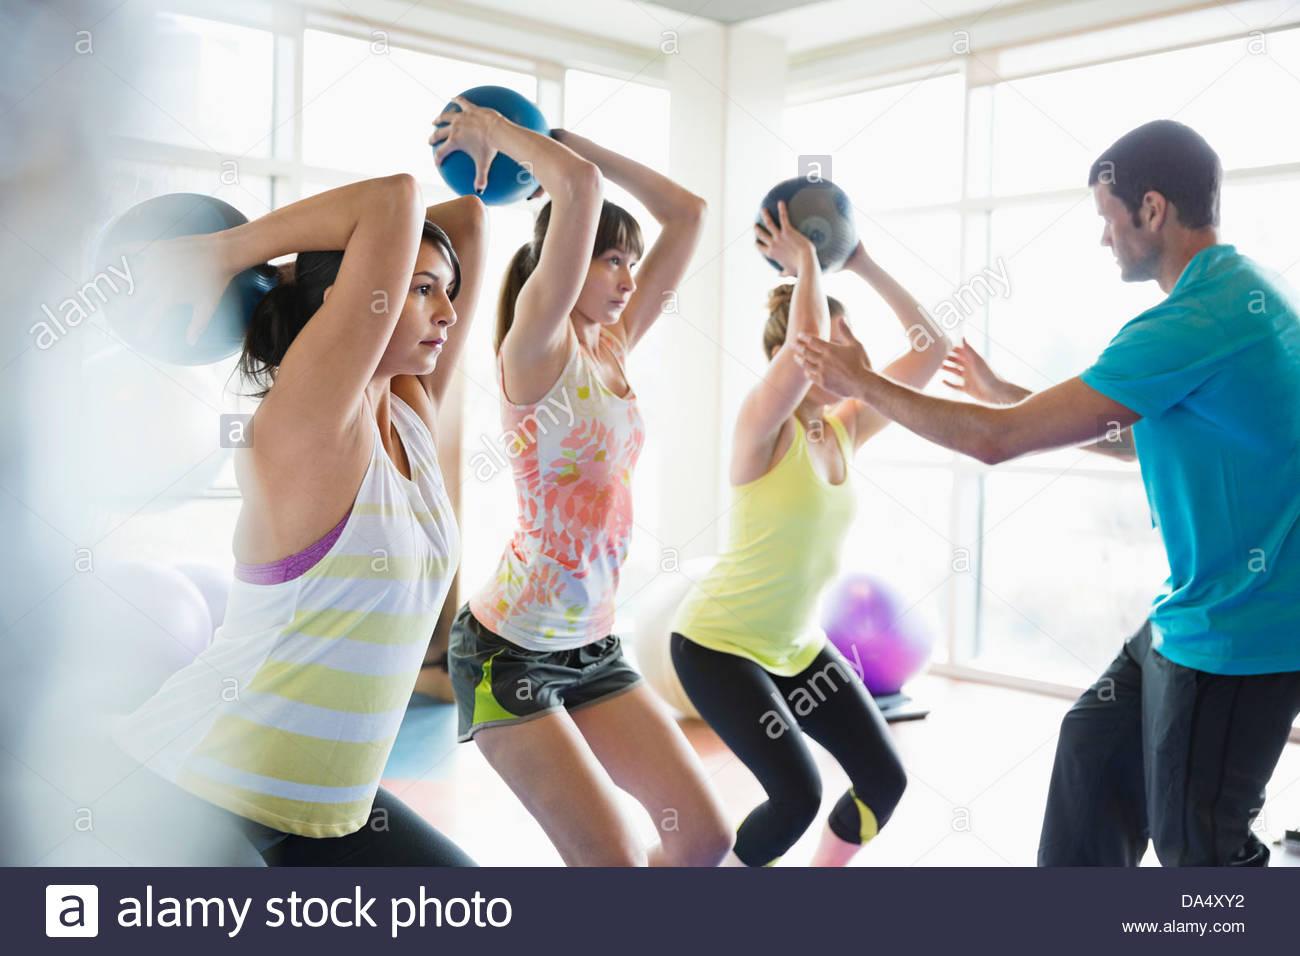 Las mujeres con pelotas medicinales en clase de gimnasia Imagen De Stock